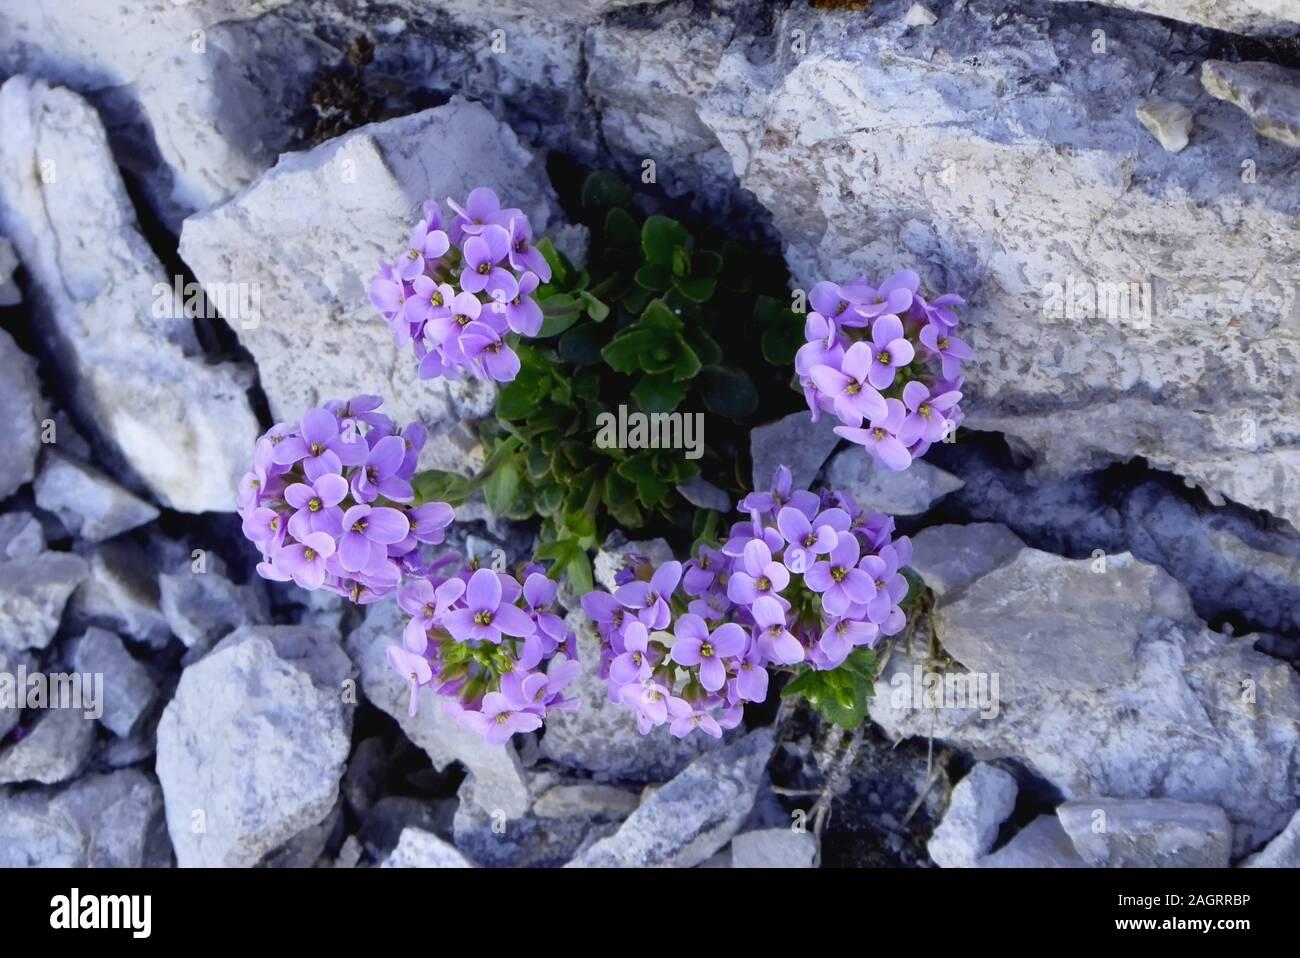 Watzmannüberschreitung: 2. Tag, Rundblättriges Täschelkraut, eine botanische Kostbarkeit auf dem Gratweg  zum Watzmann Südgipfel. Stock Photo